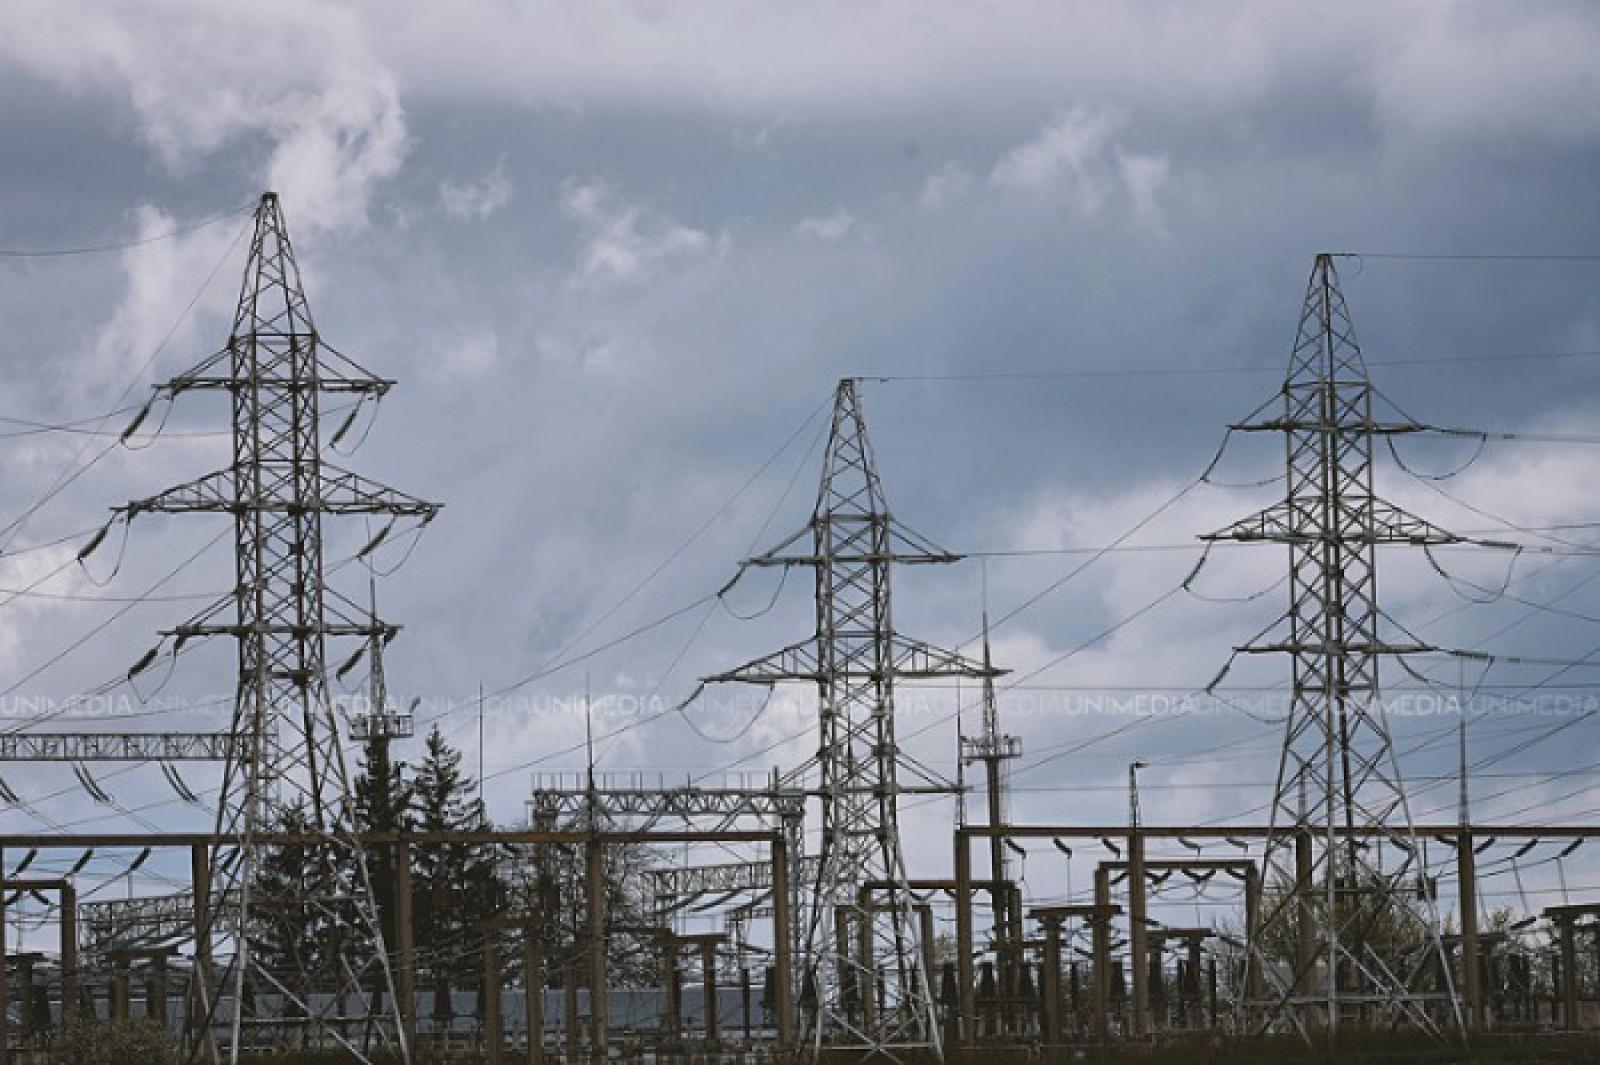 Haos în Crimeea: Întreaga peninsulă a rămas fără curent electric. Nu funcționează băncile, terminalele bancare și semafoarele